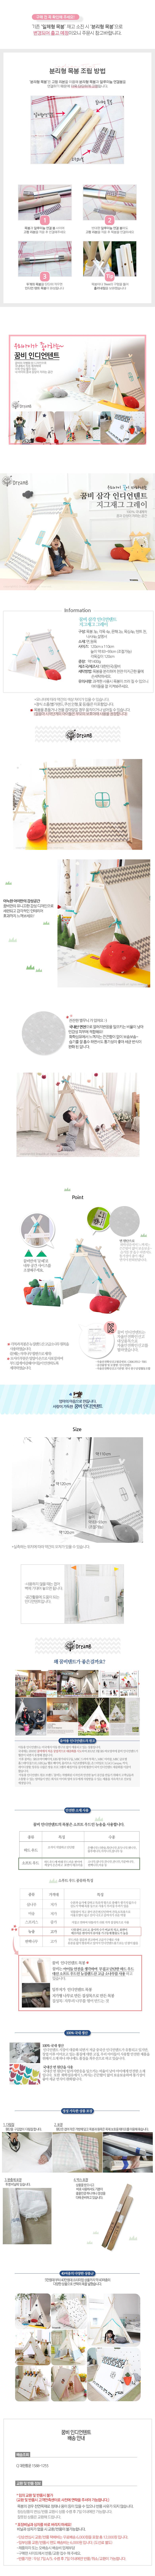 지그재그 그레이 인디언텐트 3각 - 꿈비, 250,000원, 키즈텐트/매트, 플레이텐트/키즈텐트